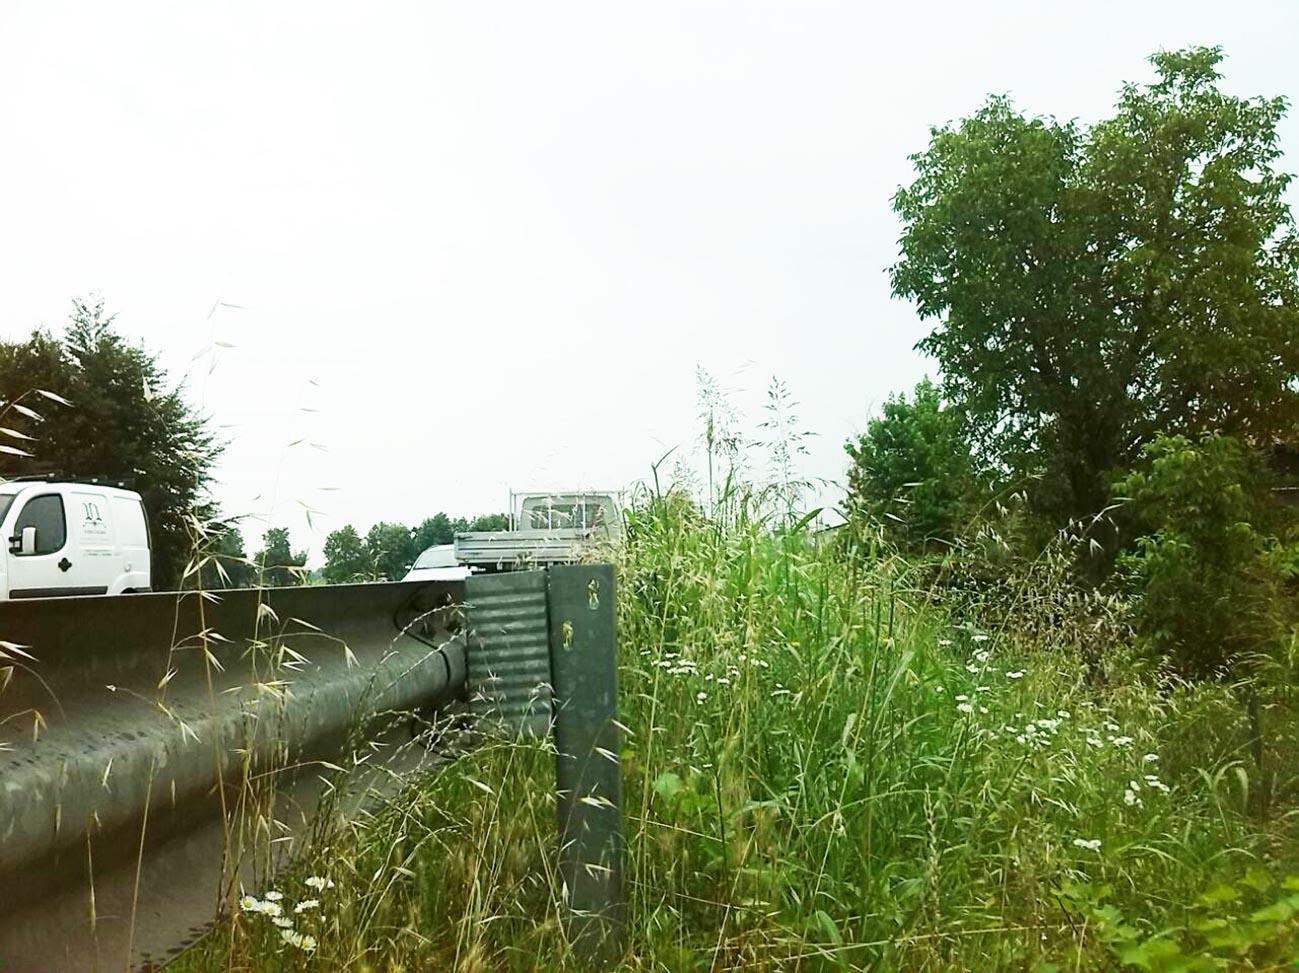 Vigodarzere, l'erba alta rende pericoloso il Terraglione